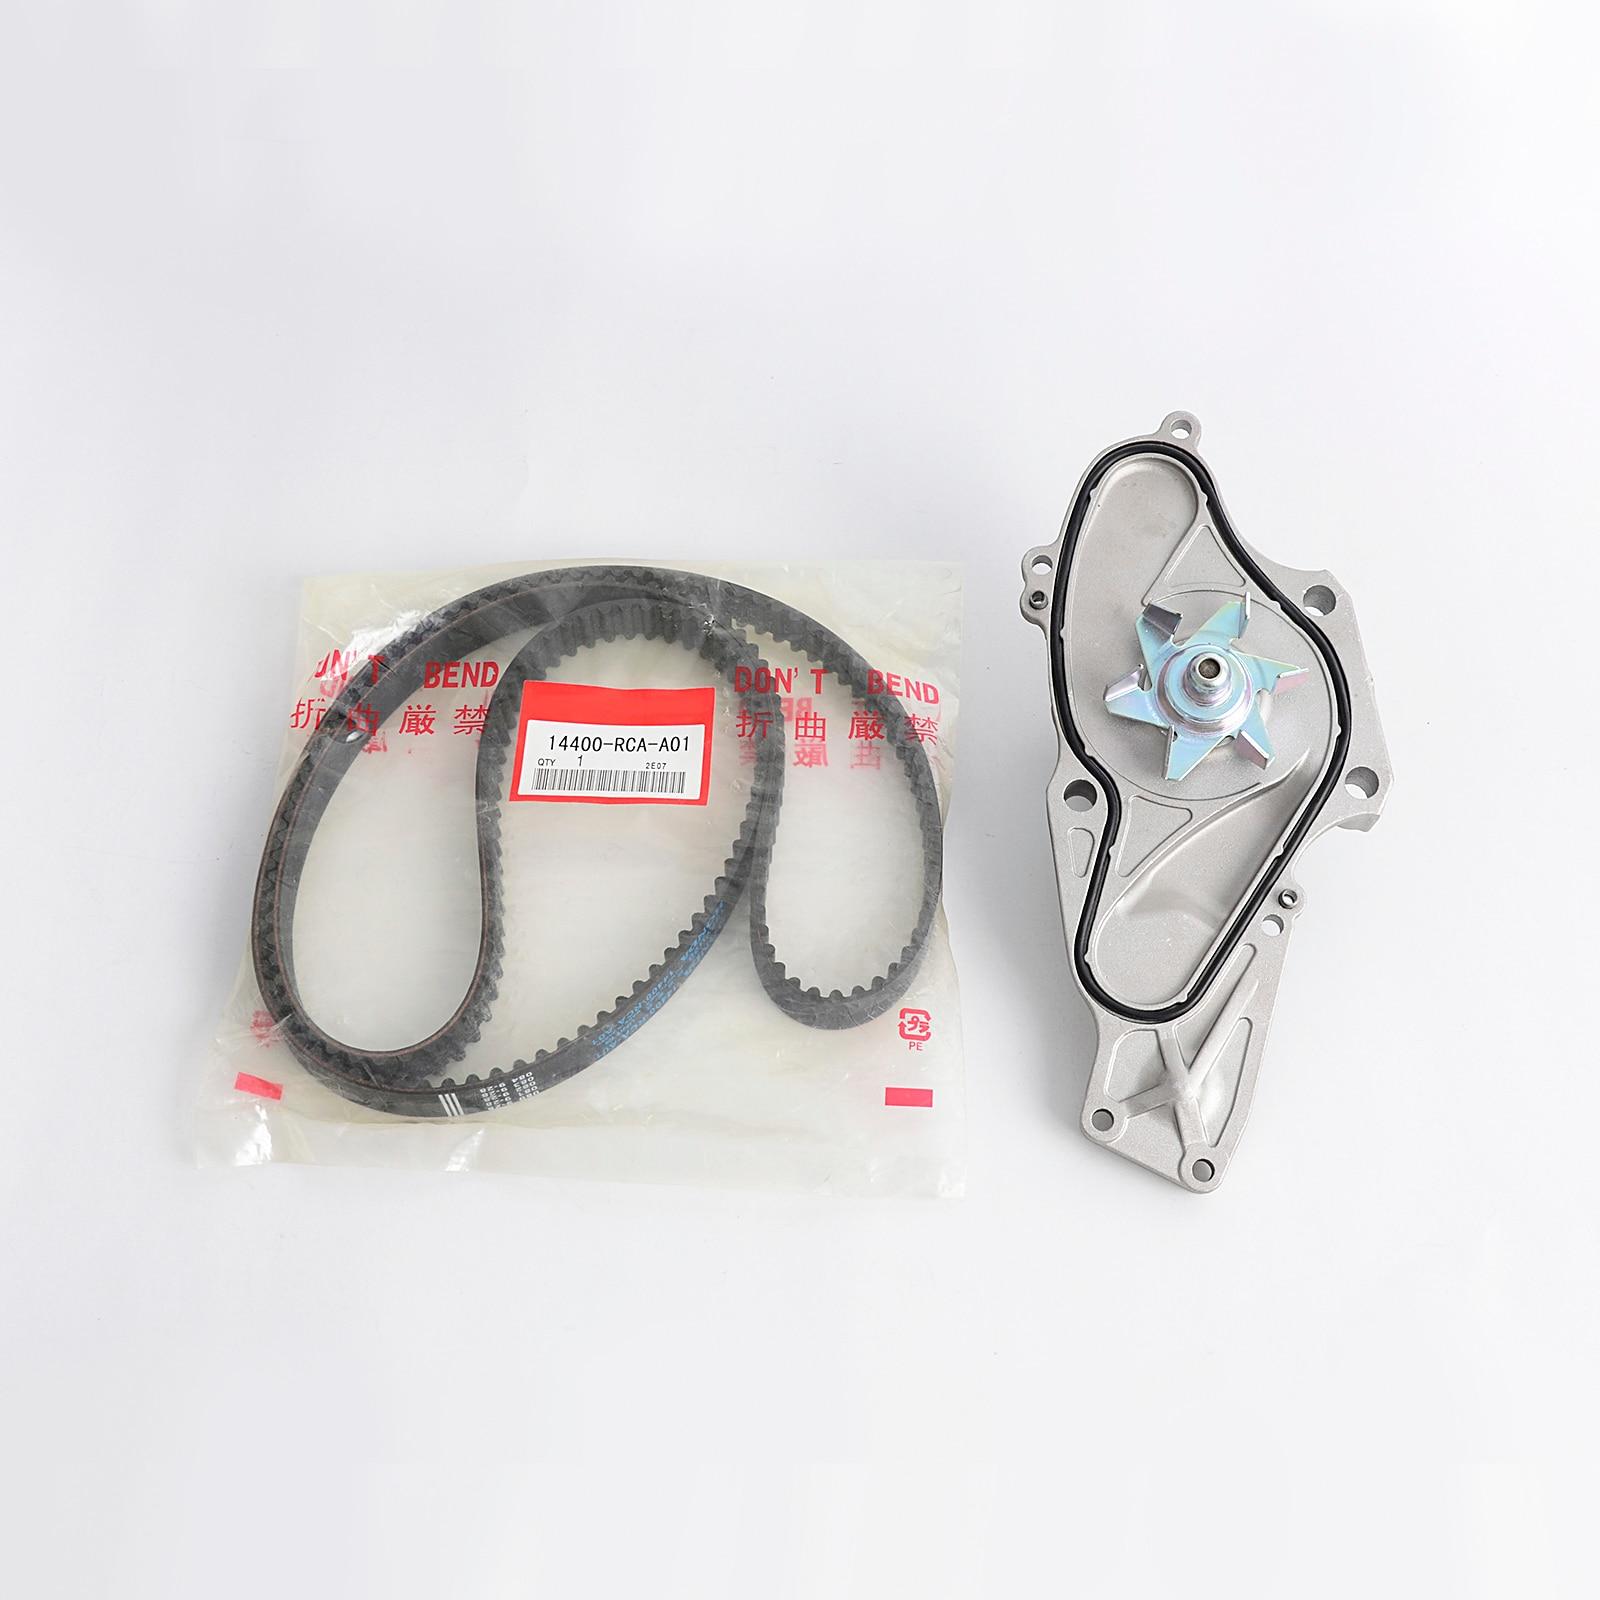 Подлинная/OEM ремня и водяной насос комплект для Honda/Acura V6 части фабрики ...